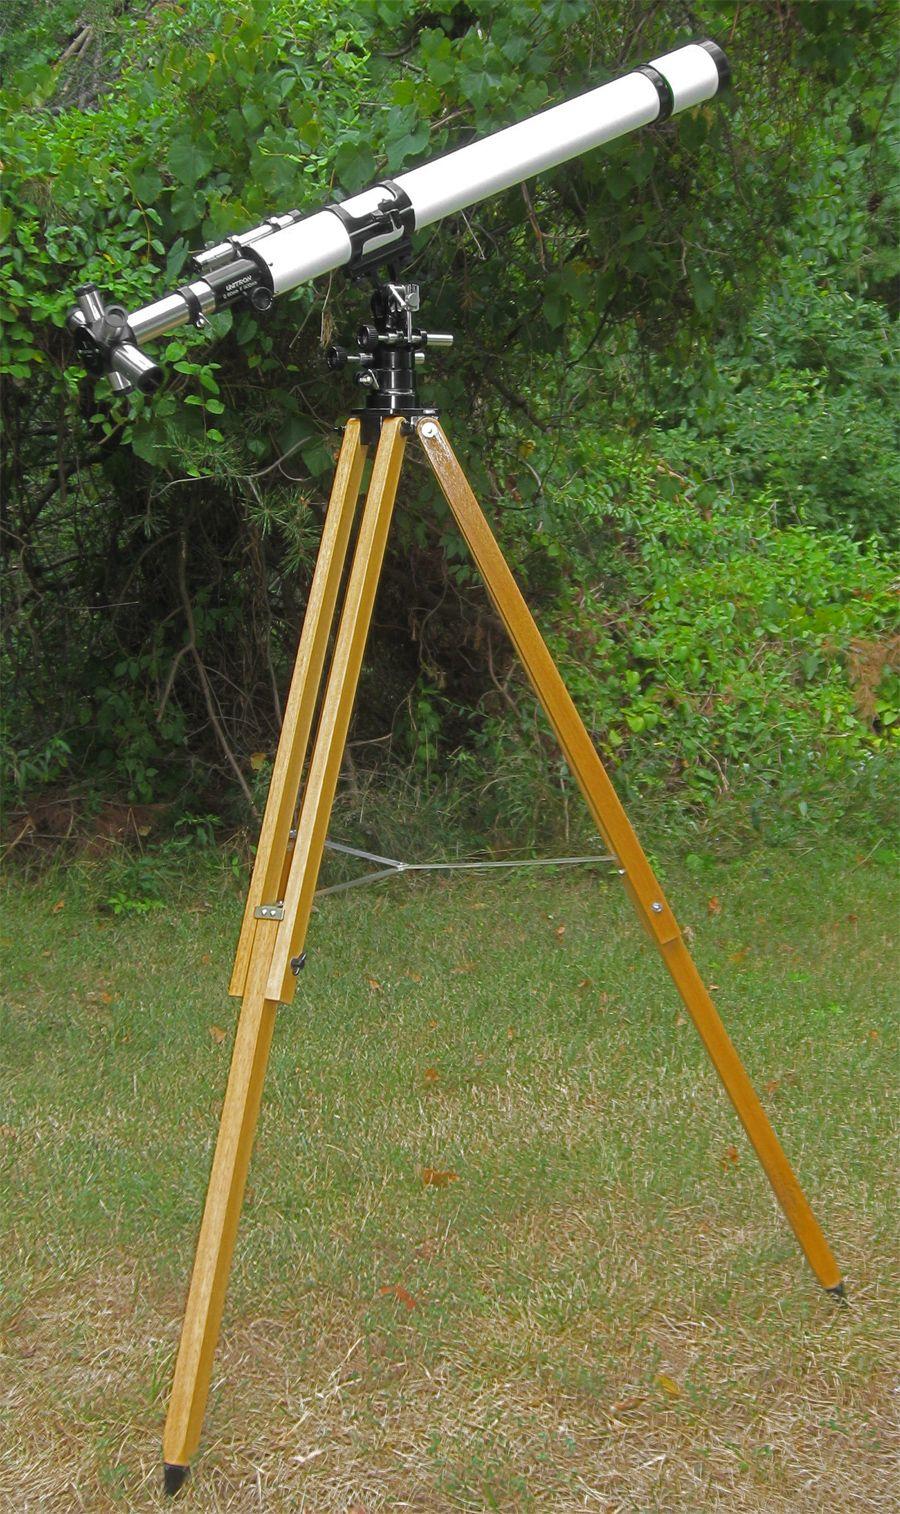 1950's home telescope - Google Search